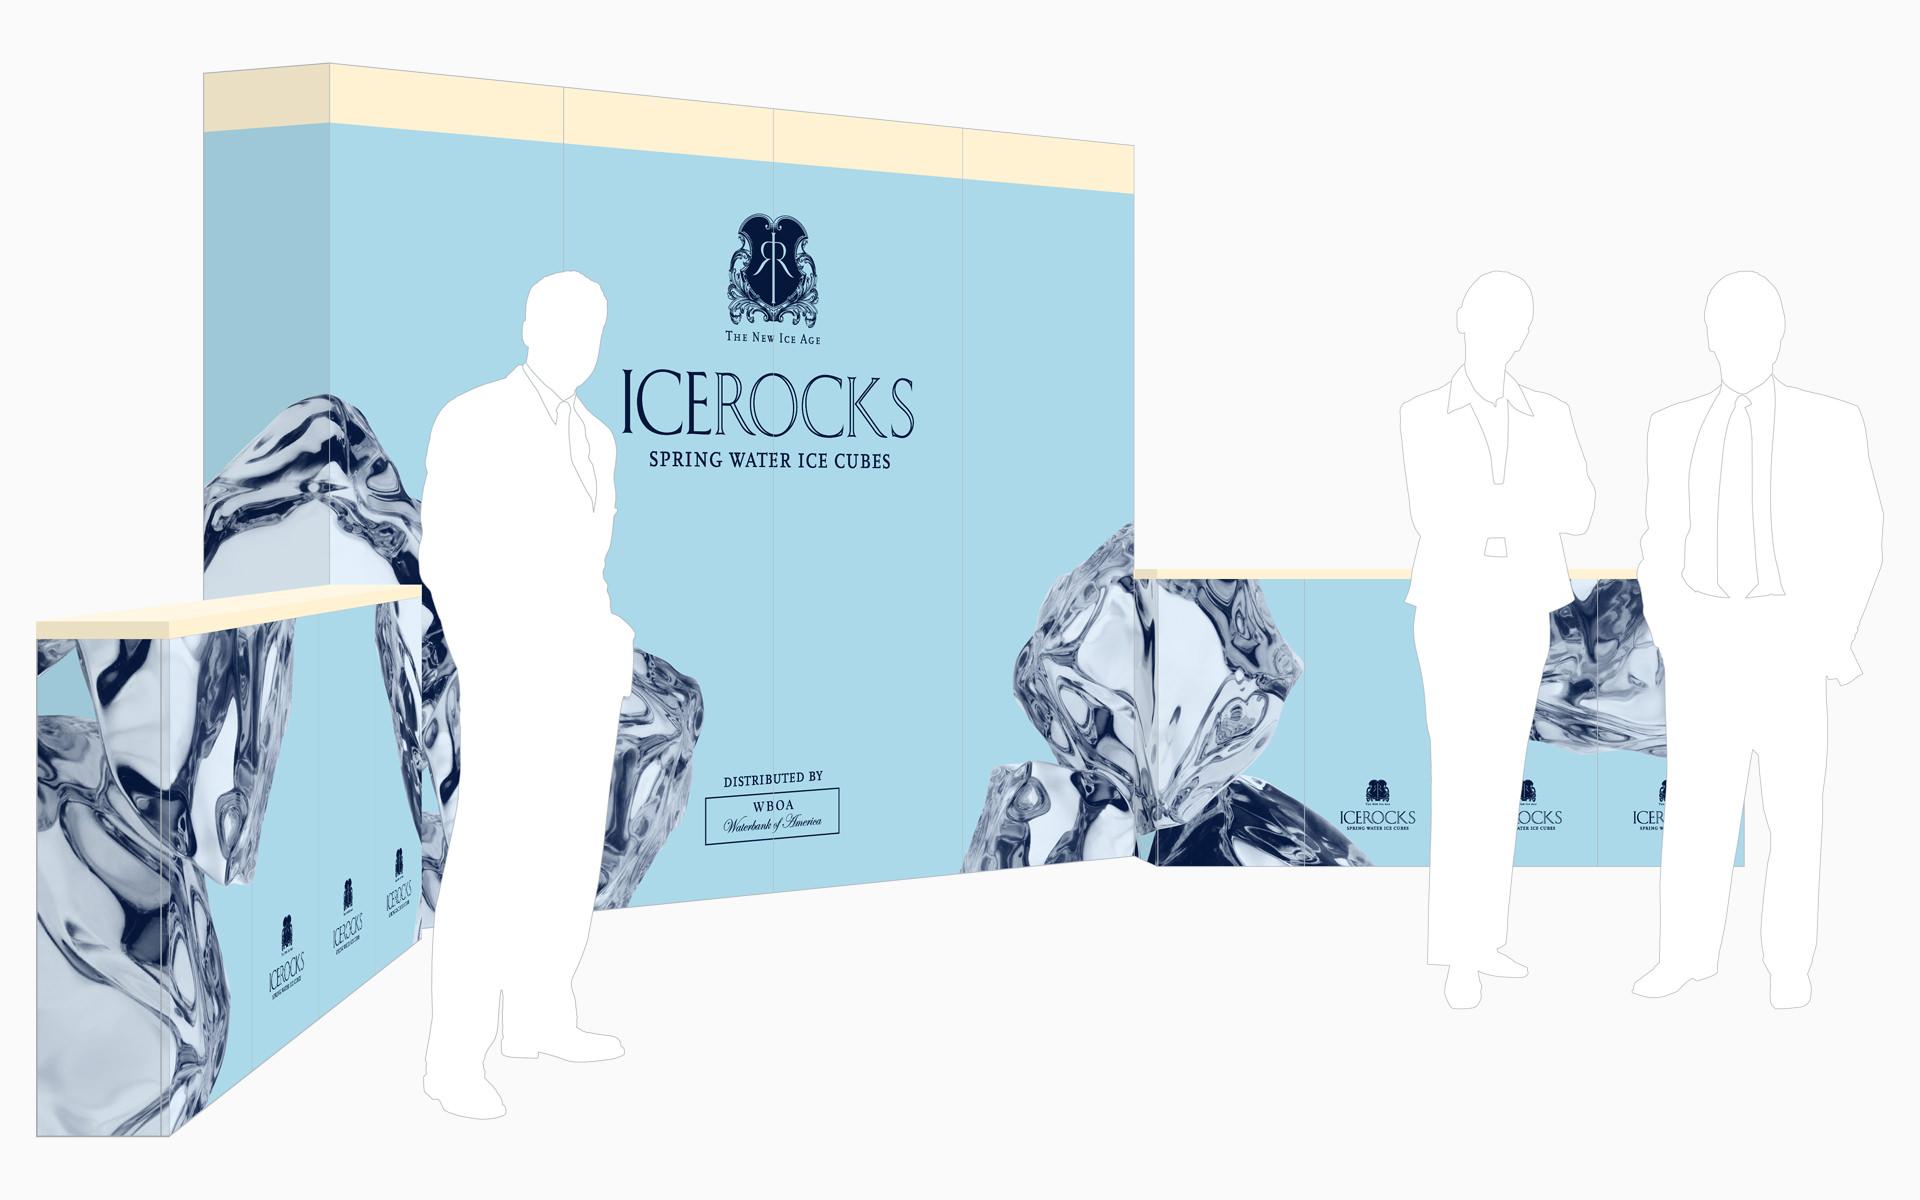 WaterBank of America ICEROCKS Environment Display